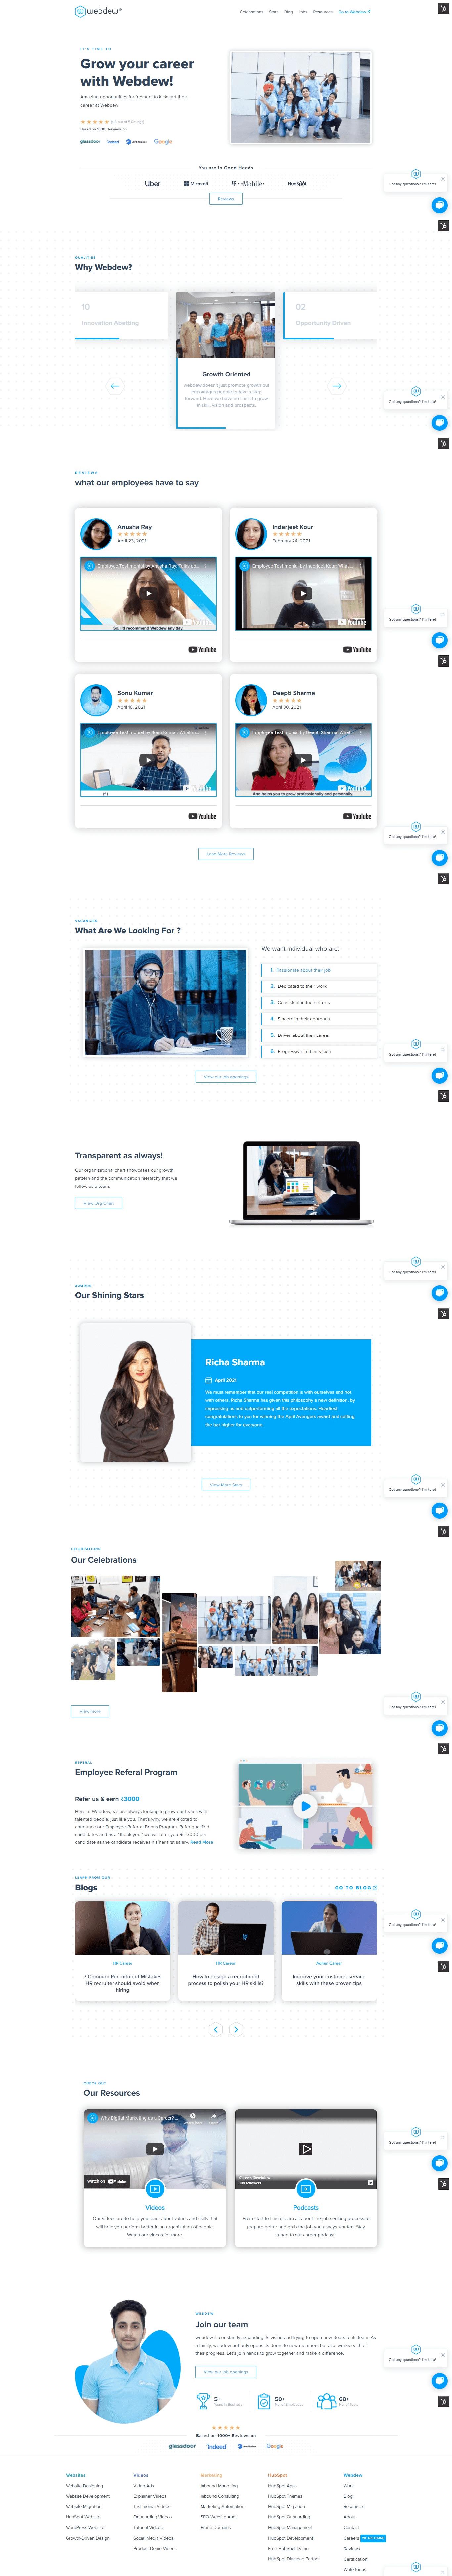 webdew-career-website